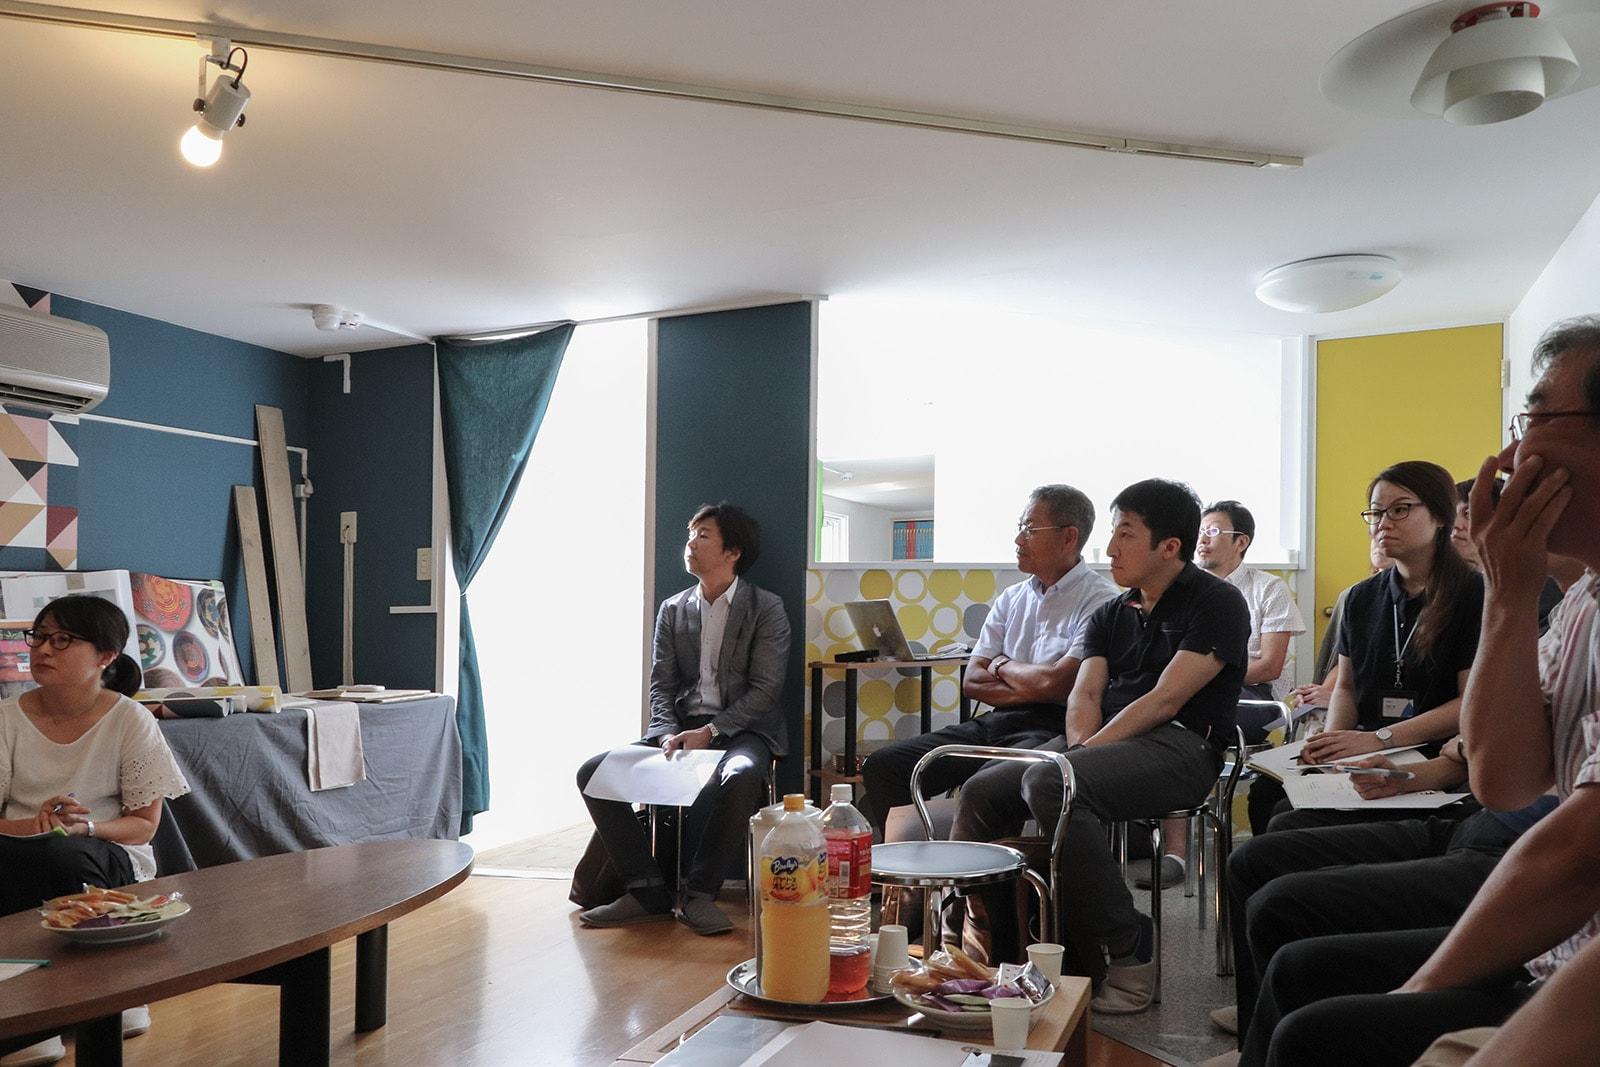 建築関係者たちとの有意義な意見交換の場にもなったトークセッション